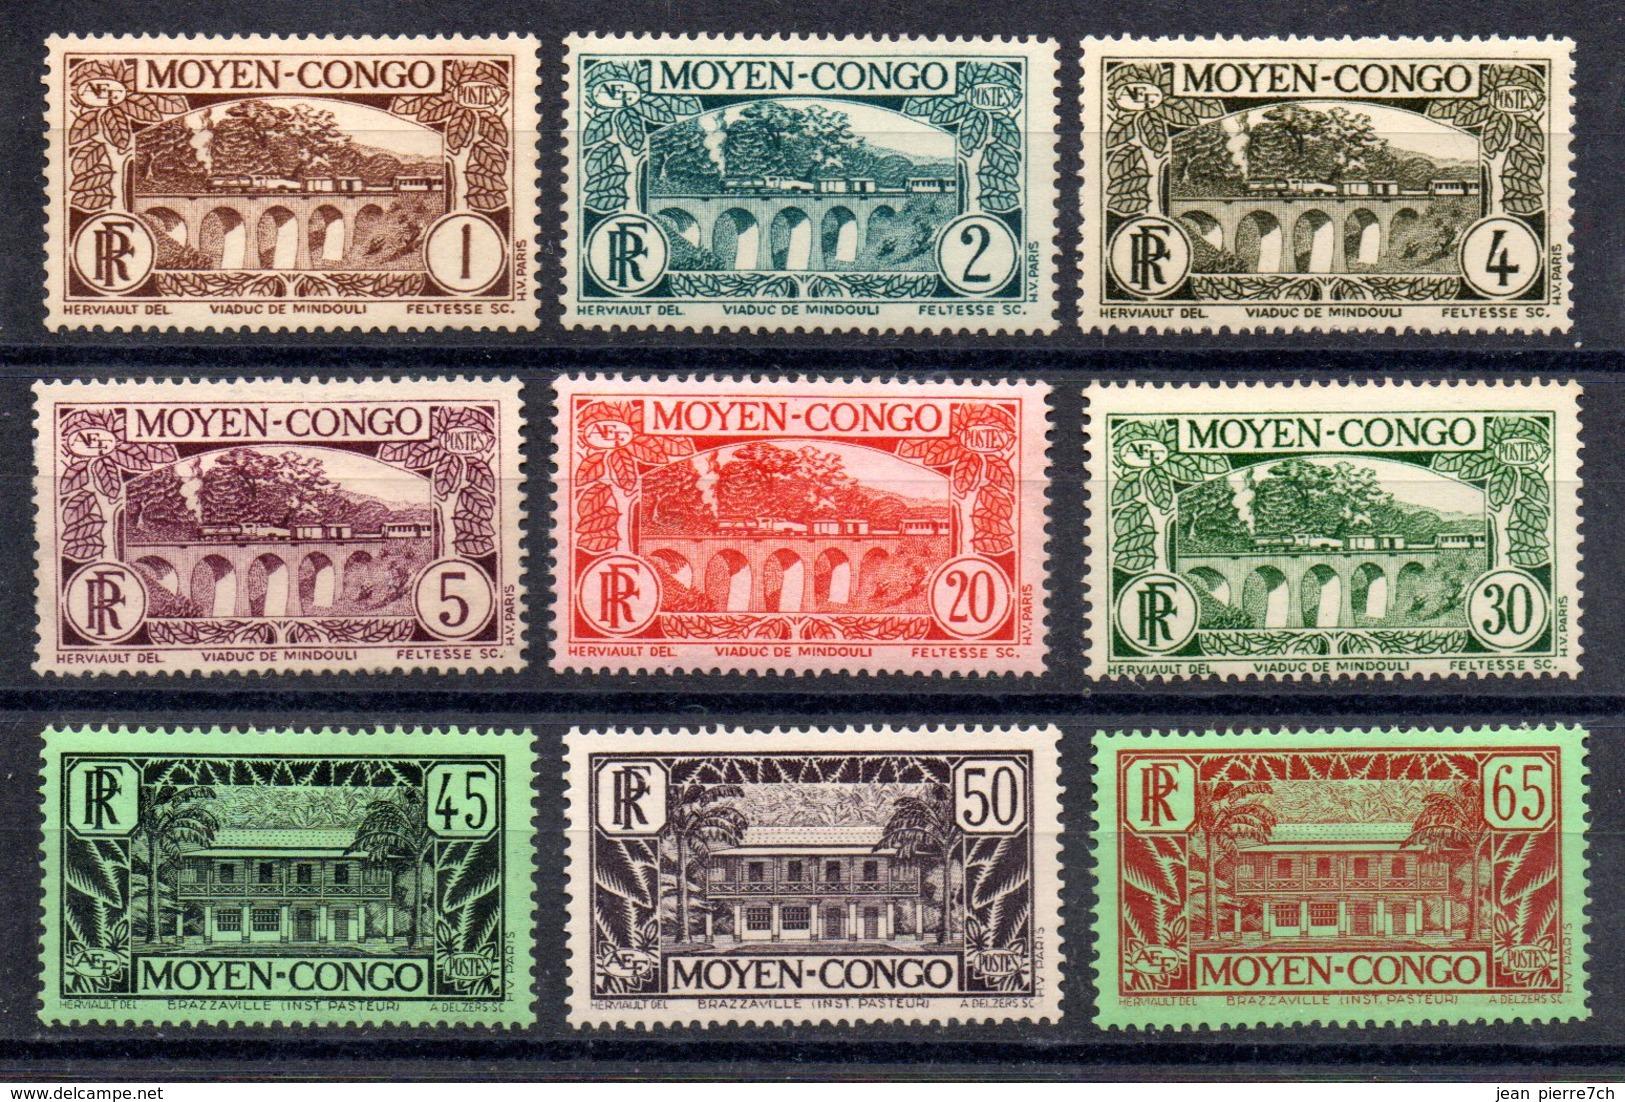 Congo Französisch Kongo Y&T 113*, 114*, 115**, 116(*), 119*, 121**, 123* - 125*, 126(*), 128**, 129A*, 130* - Ungebraucht